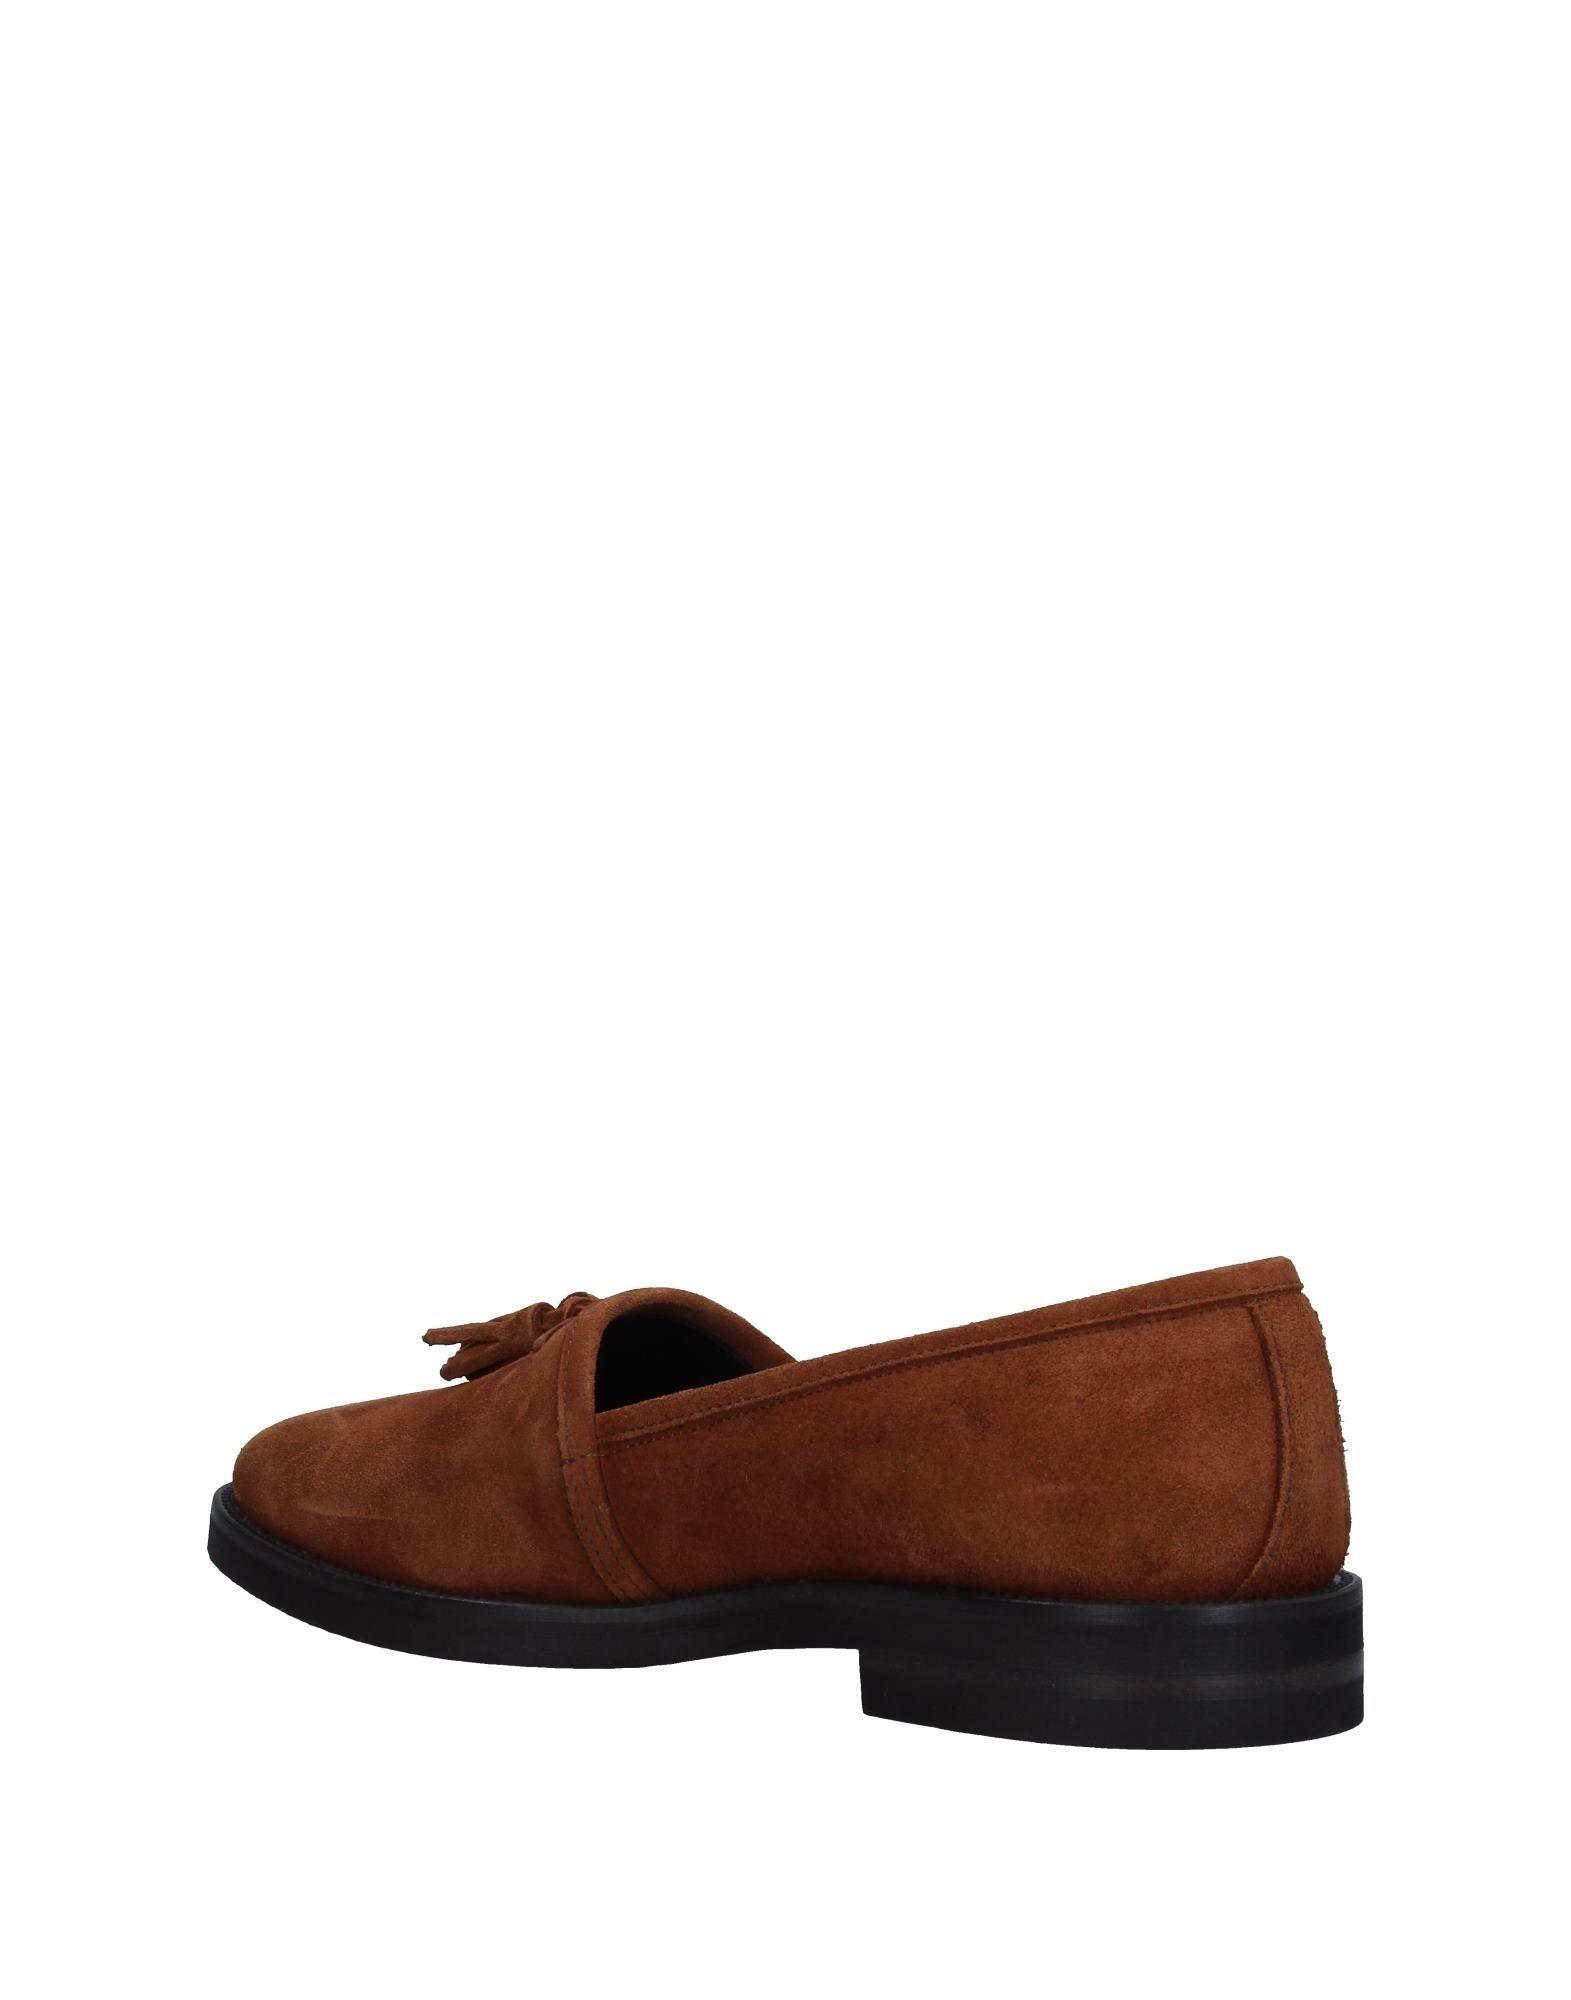 Belsire Man Tan Loafers